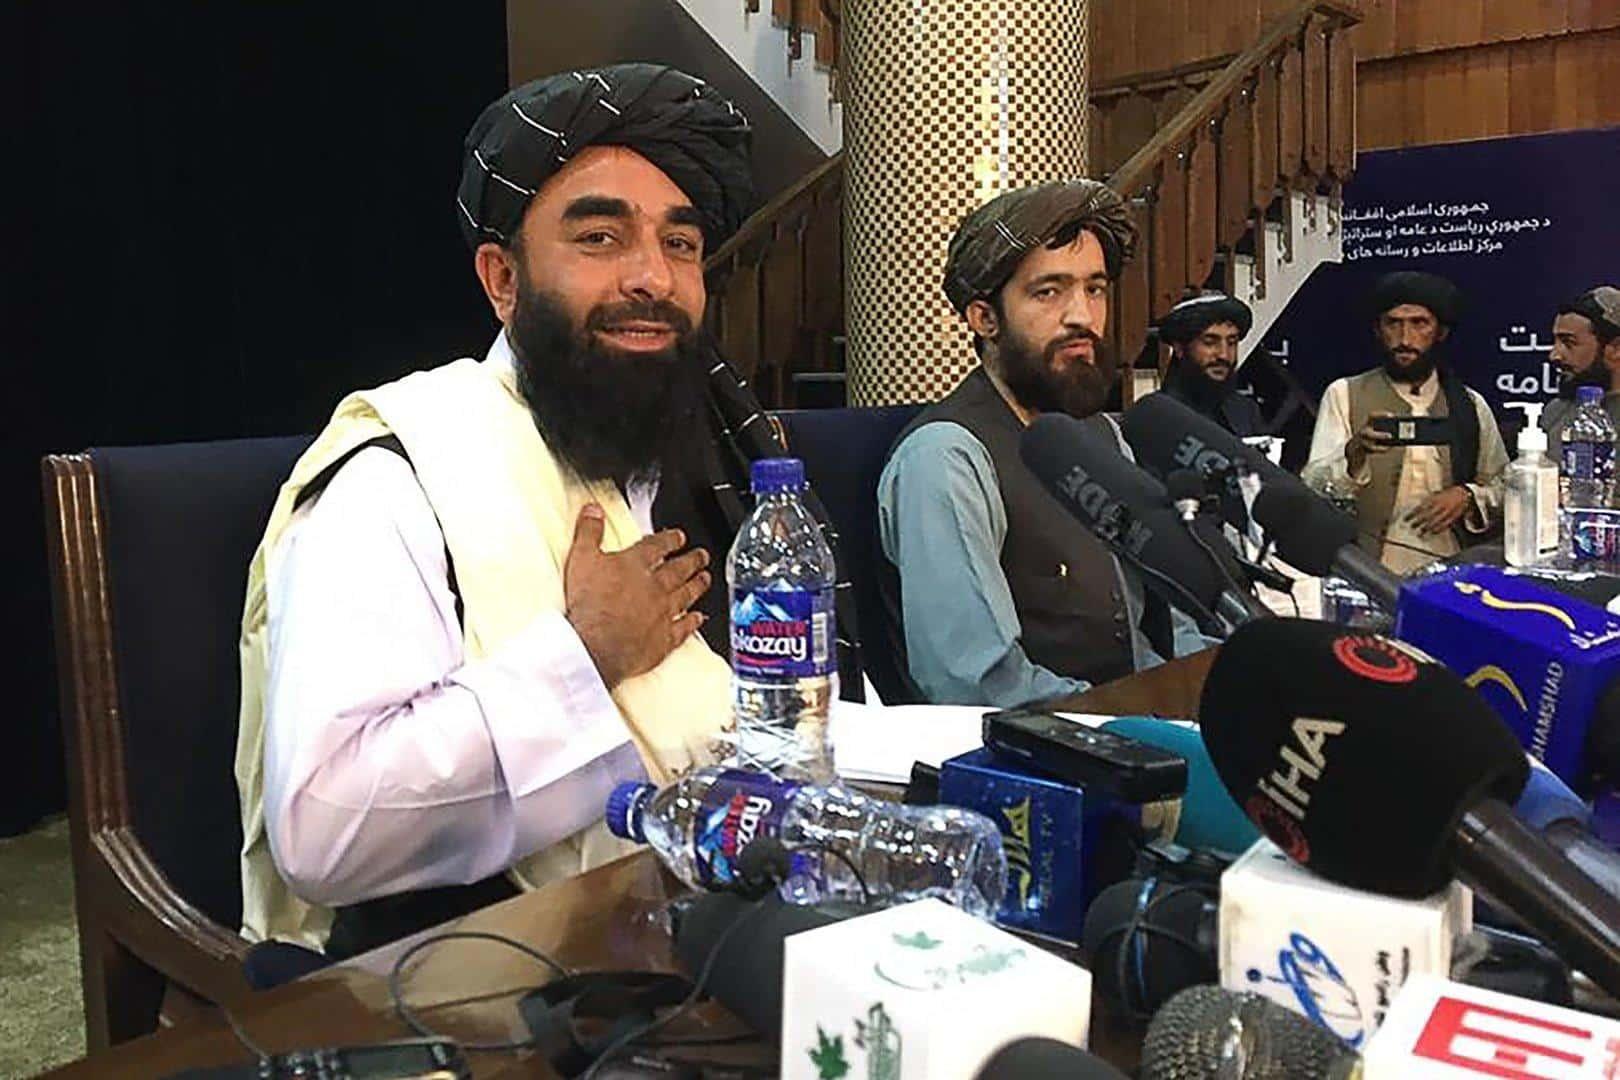 Talibanii: Am iertat pe toată lumea, pe toţi cei care au luptat împotriva noastră. Nu mai vrem conflicte